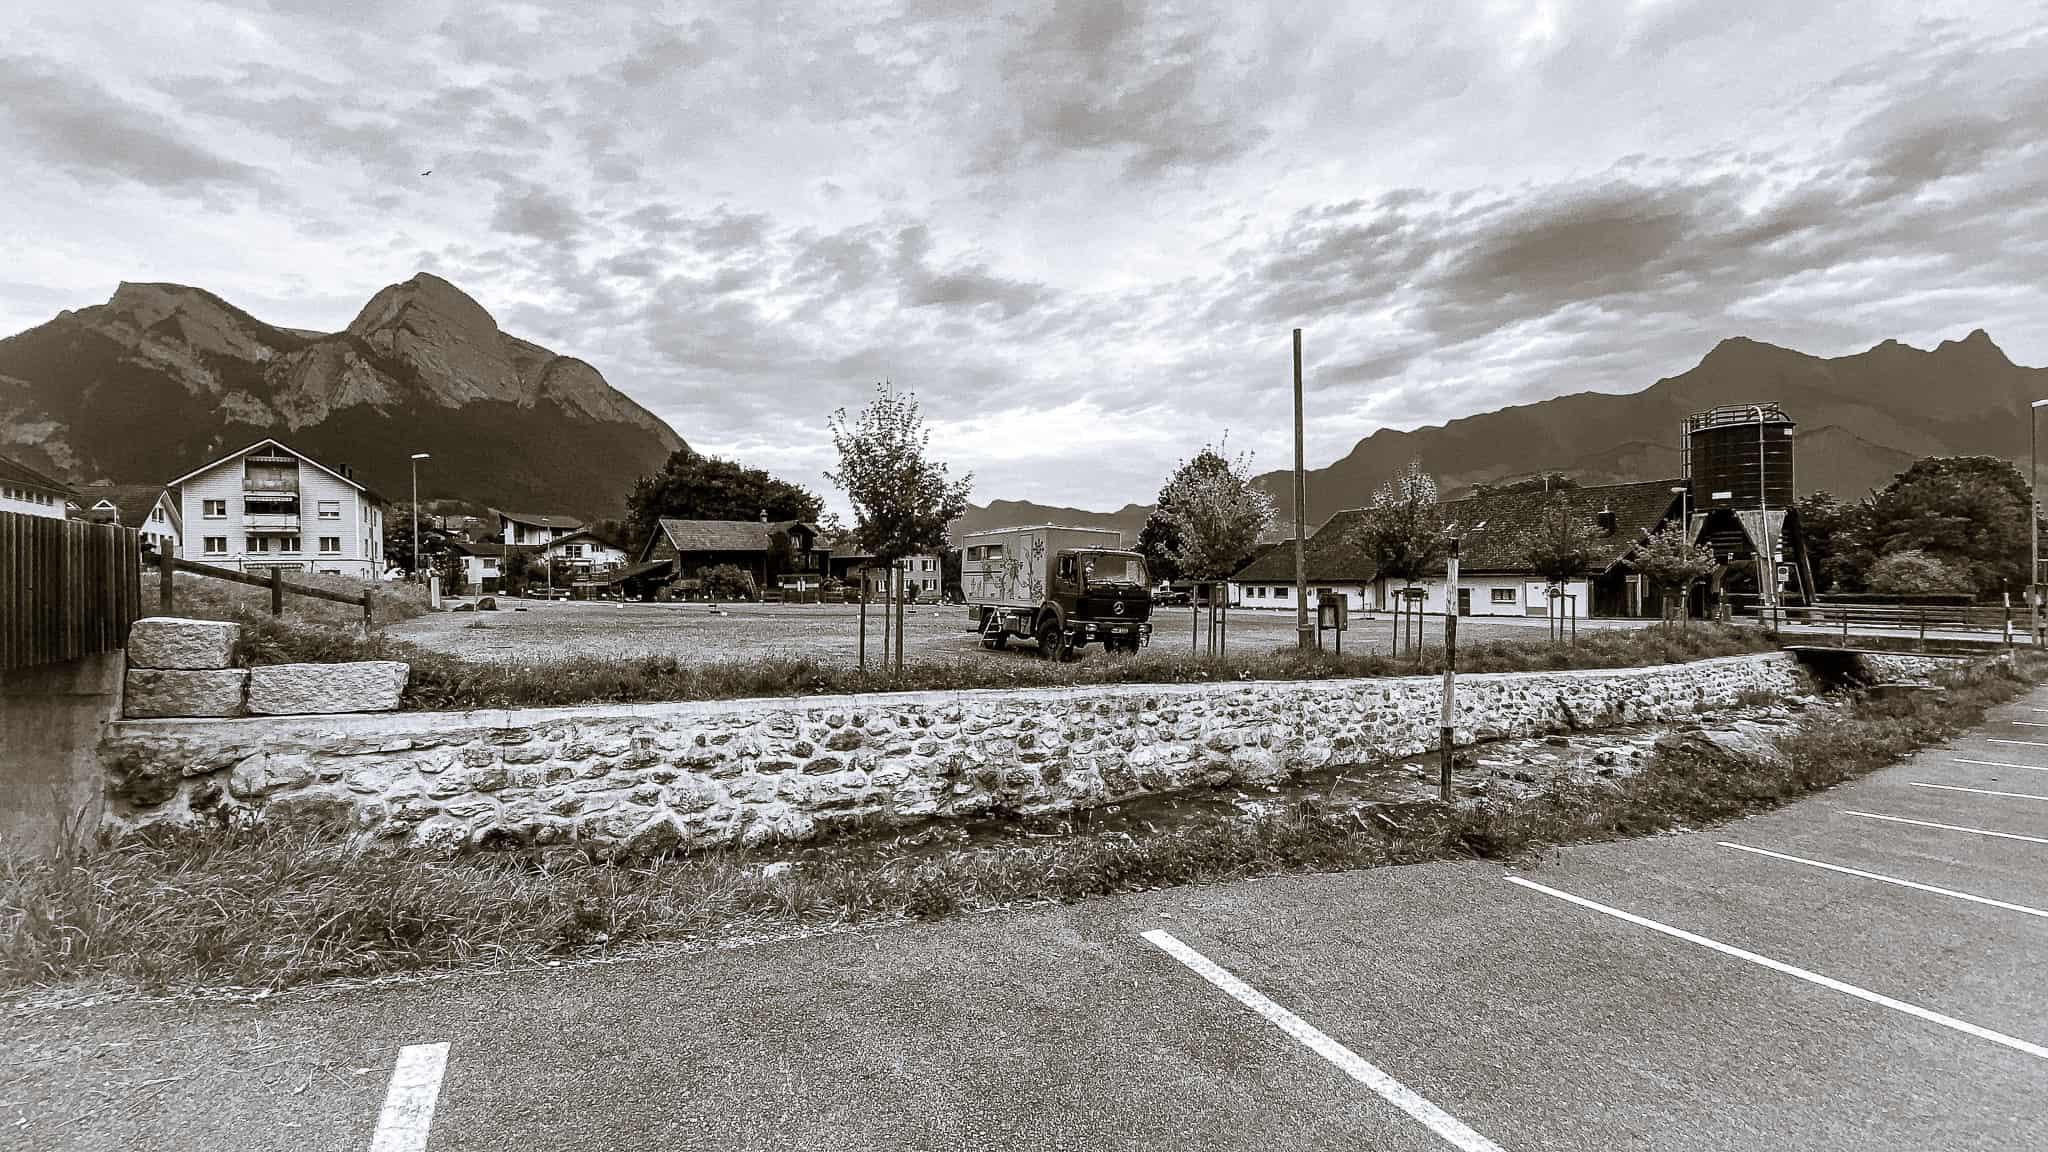 Schwarzweissfoto vom Parkplatz der Seilbahn in Bad Ragaz